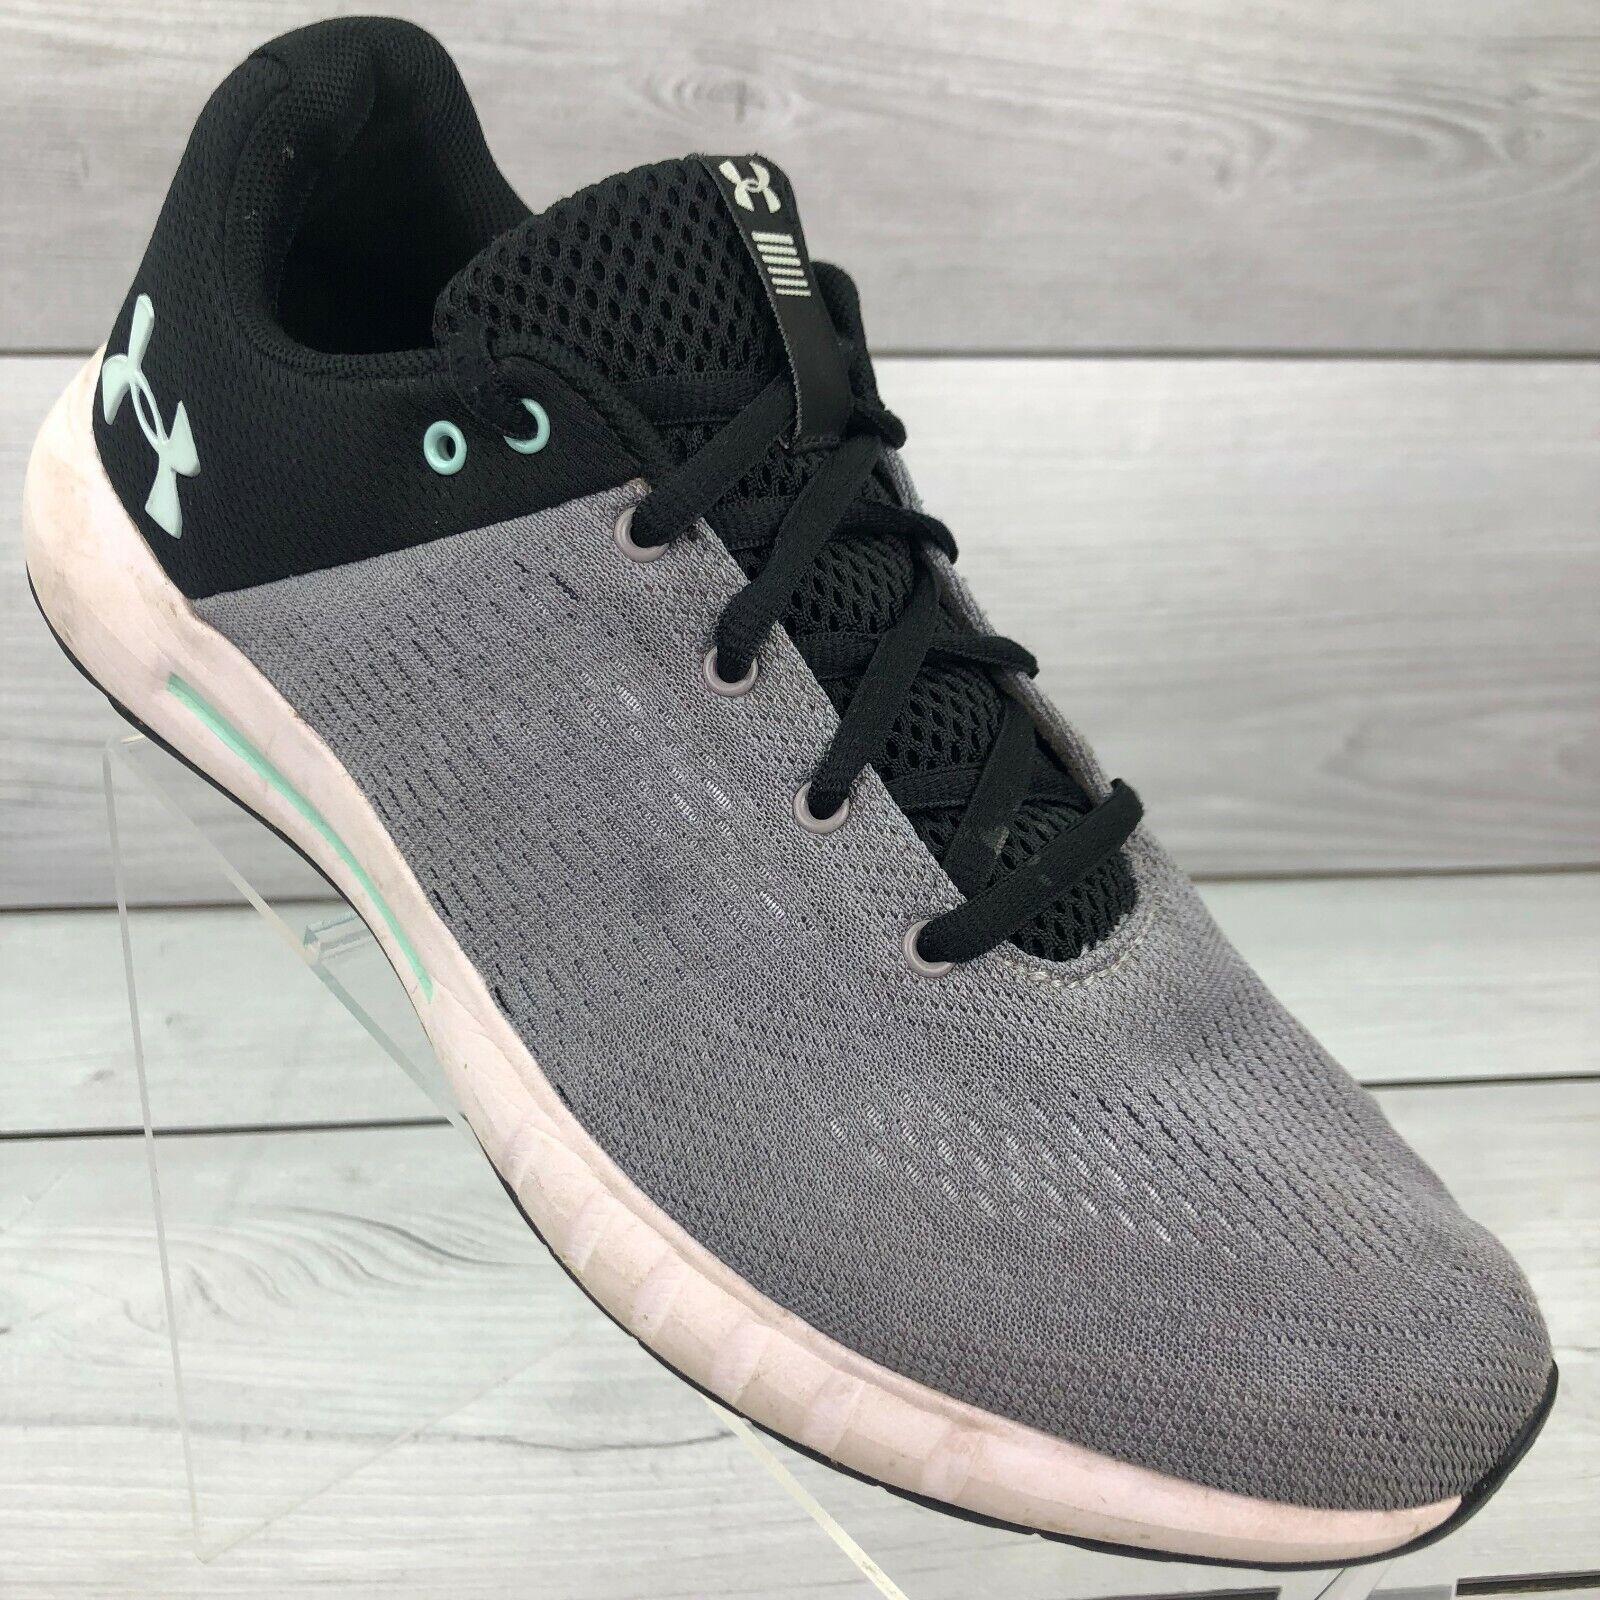 Under Armour Femmes Micro G Pursuit Athlétique Chaussures De Course Gris/Blanc Sz 10